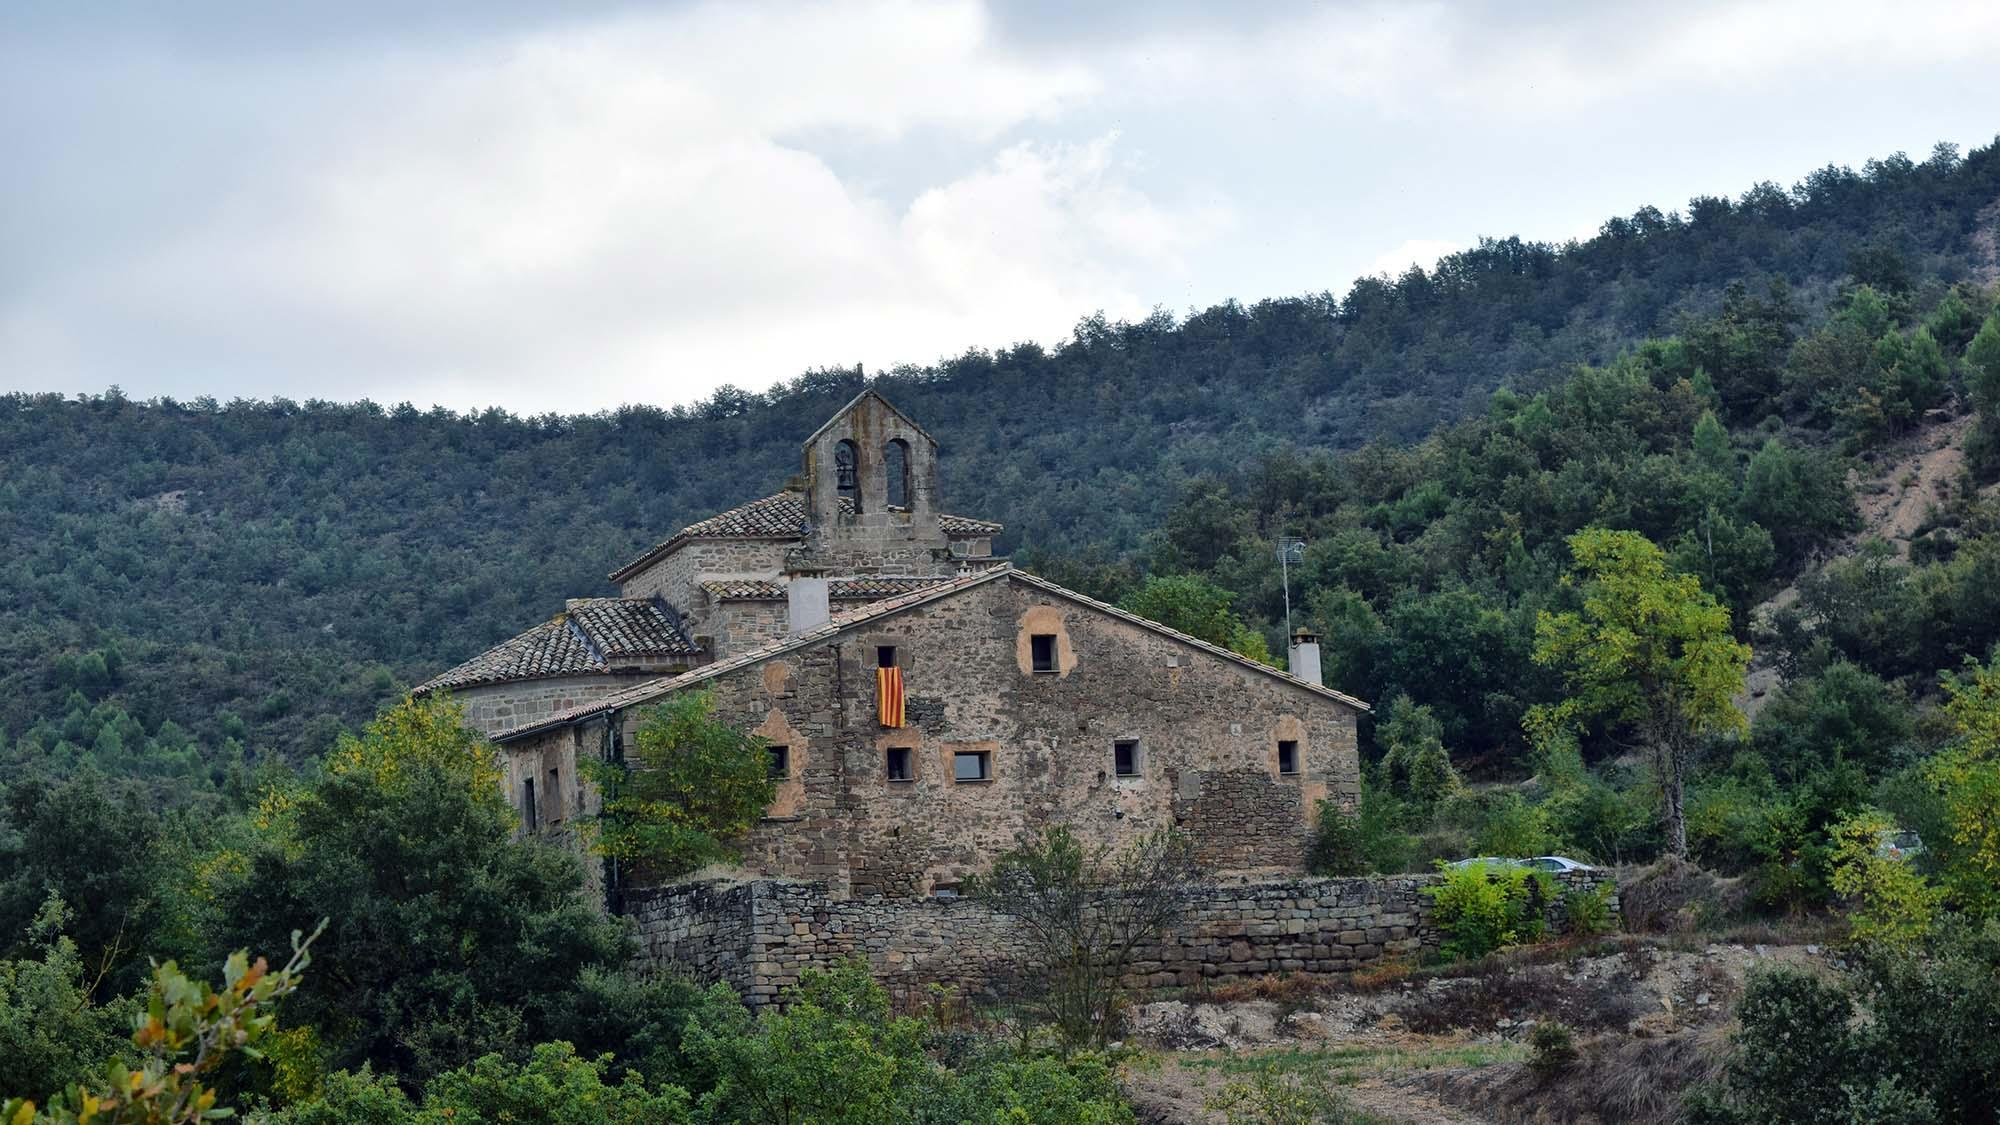 Monastery of Sant Celdoni i Sant Ermenter